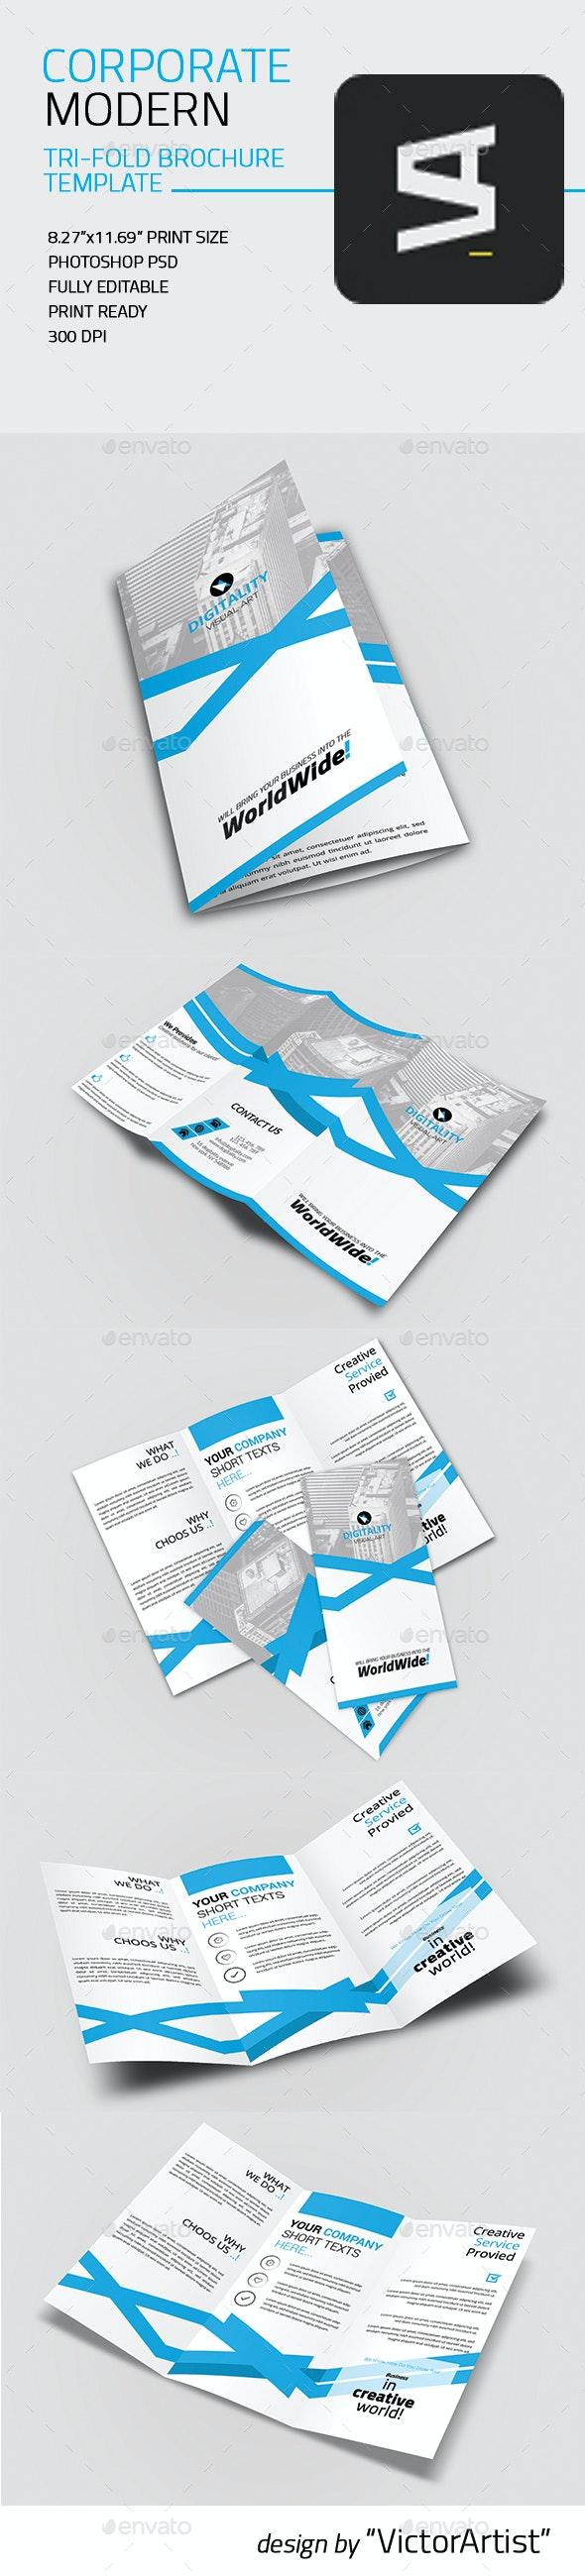 Corporate Modern Tri-Fold Brochure Template - Corporate Brochures